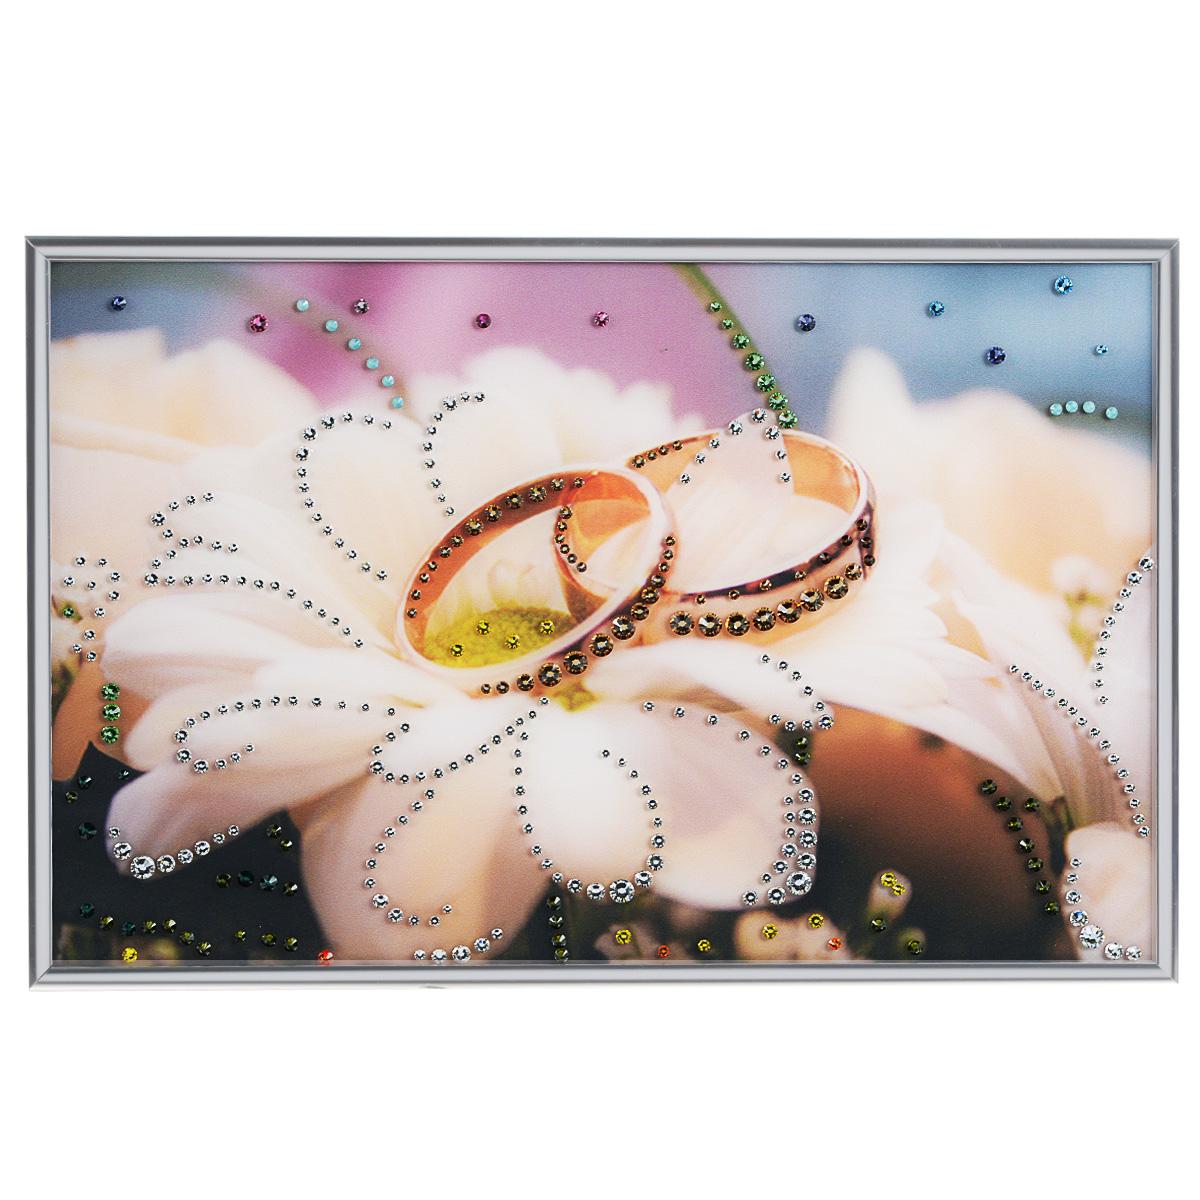 Картина с кристаллами Swarovski Обручальное кольцо, 30 х 20 см1231Изящная картина в металлической раме, инкрустирована кристаллами Swarovski, которые отличаются четкой и ровной огранкой, ярким блеском и чистотой цвета. Красочное изображение обручальных колец, расположенное под стеклом, прекрасно дополняет блеск кристаллов. С обратной стороны имеется металлическая петелька для размещения картины на стене. Картина с кристаллами Swarovski Обручальное кольцо элегантно украсит интерьер дома или офиса, а также станет прекрасным подарком, который обязательно понравится получателю. Блеск кристаллов в интерьере, что может быть сказочнее и удивительнее. Картина упакована в подарочную картонную коробку синего цвета и комплектуется сертификатом соответствия Swarovski.